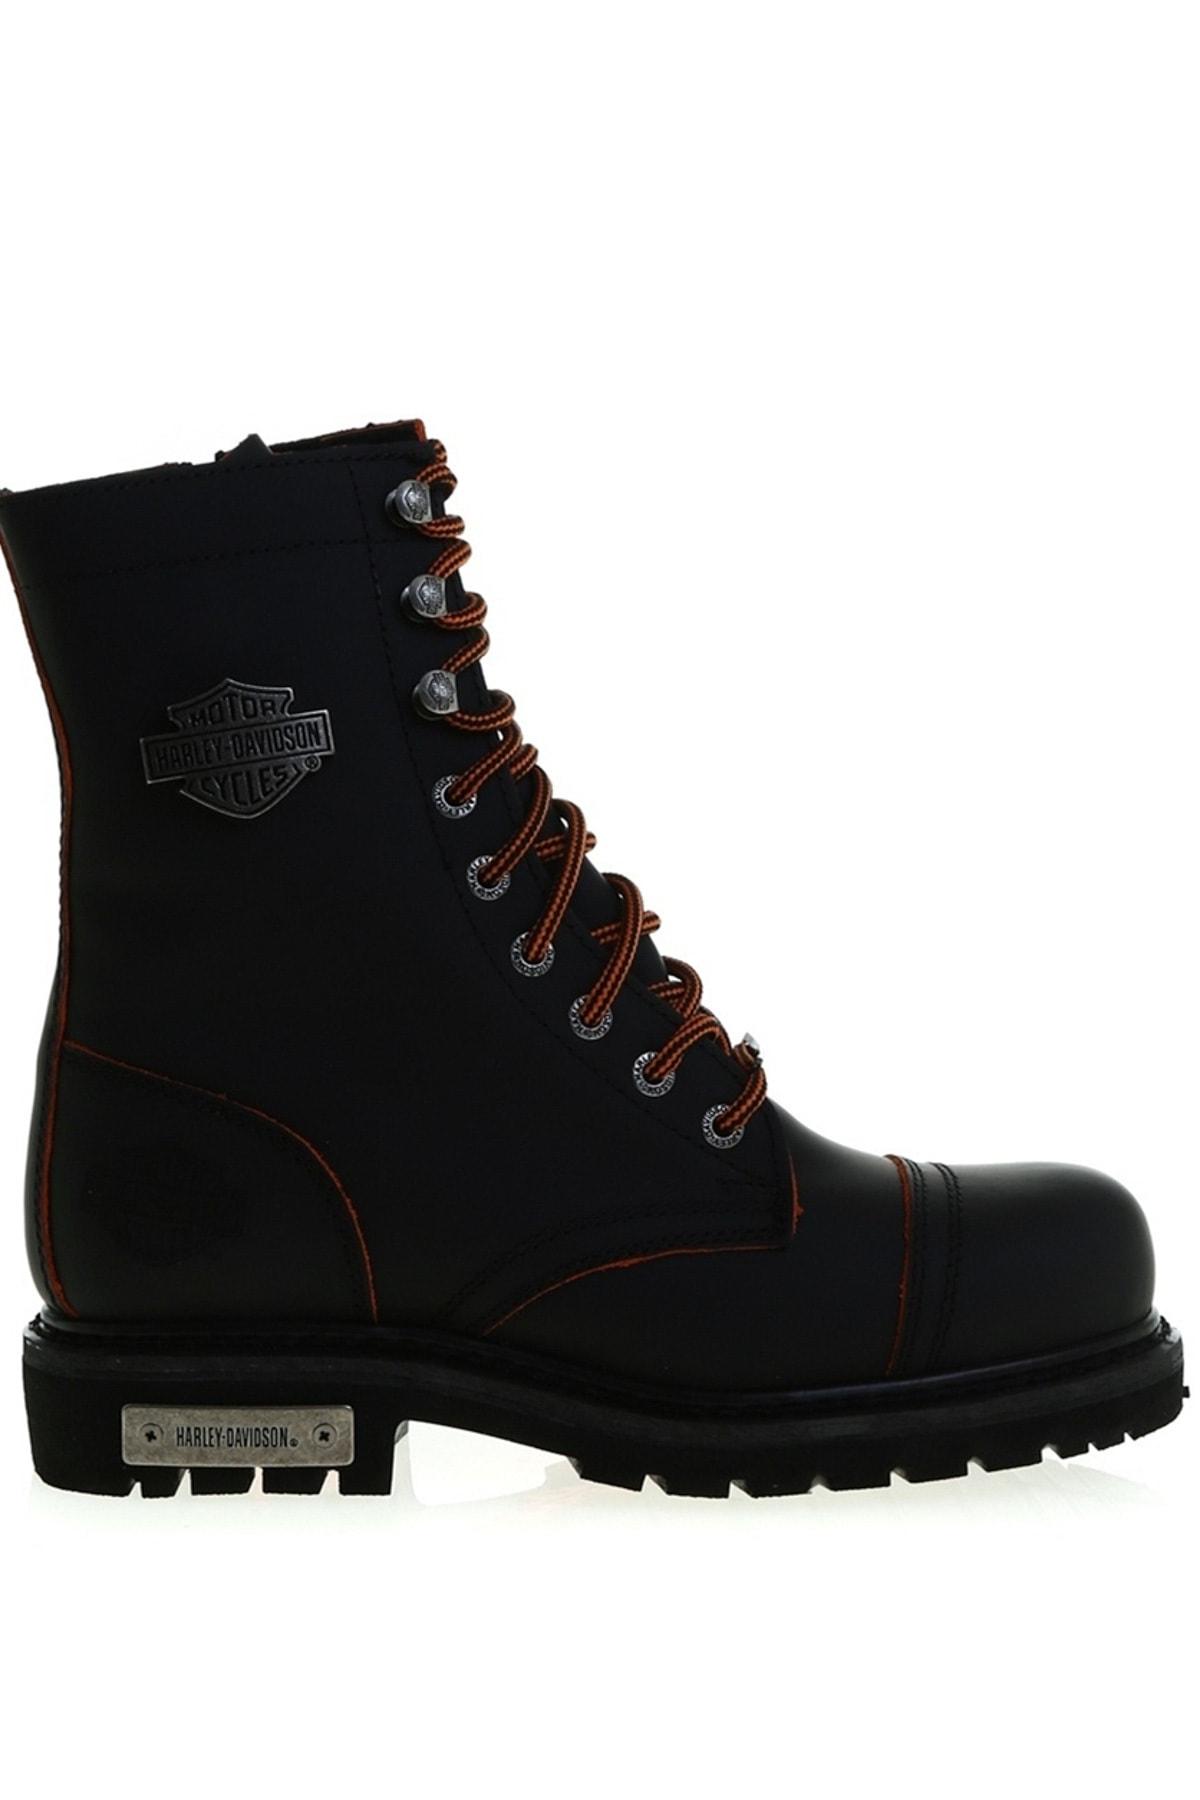 Harley Davidson Siyah Kadın Bot & Bootie 504850854 1